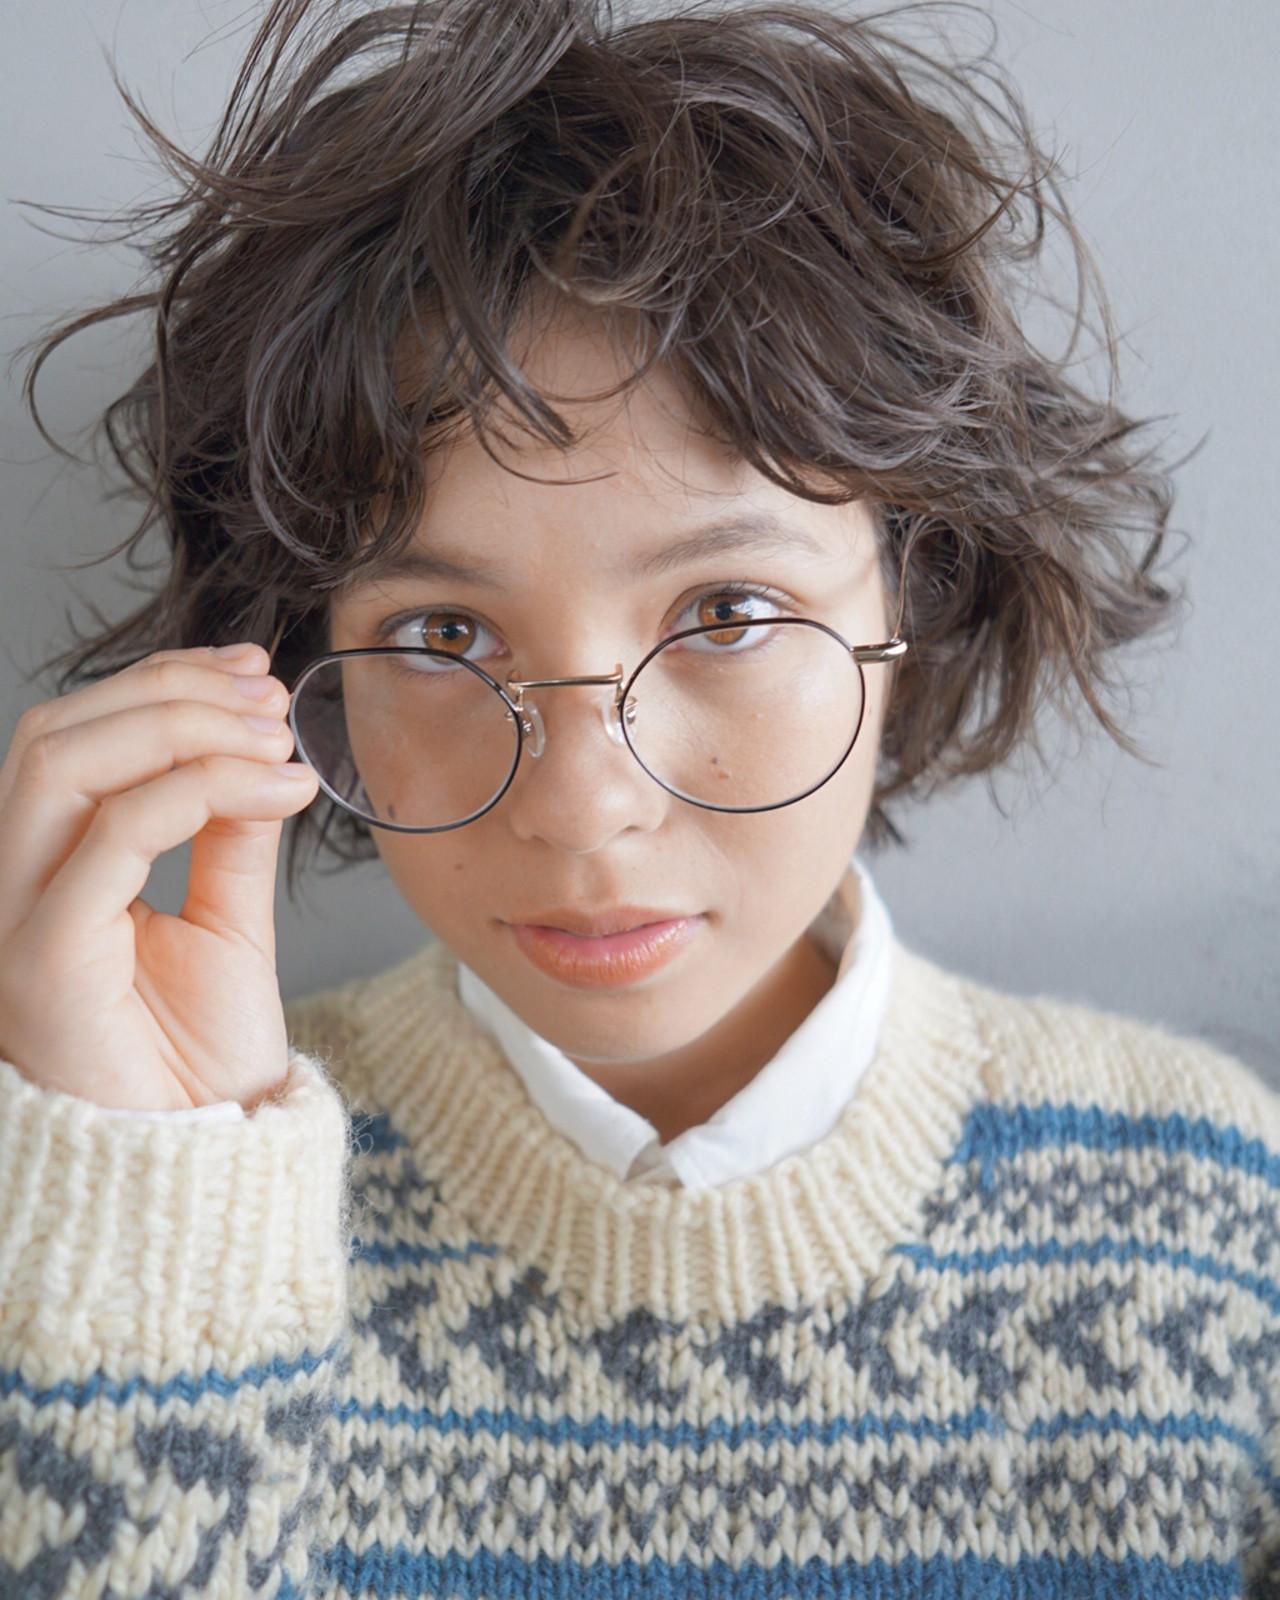 外国の少年風♡くせ毛を生かしたふわふわショート UEKI/nanuk